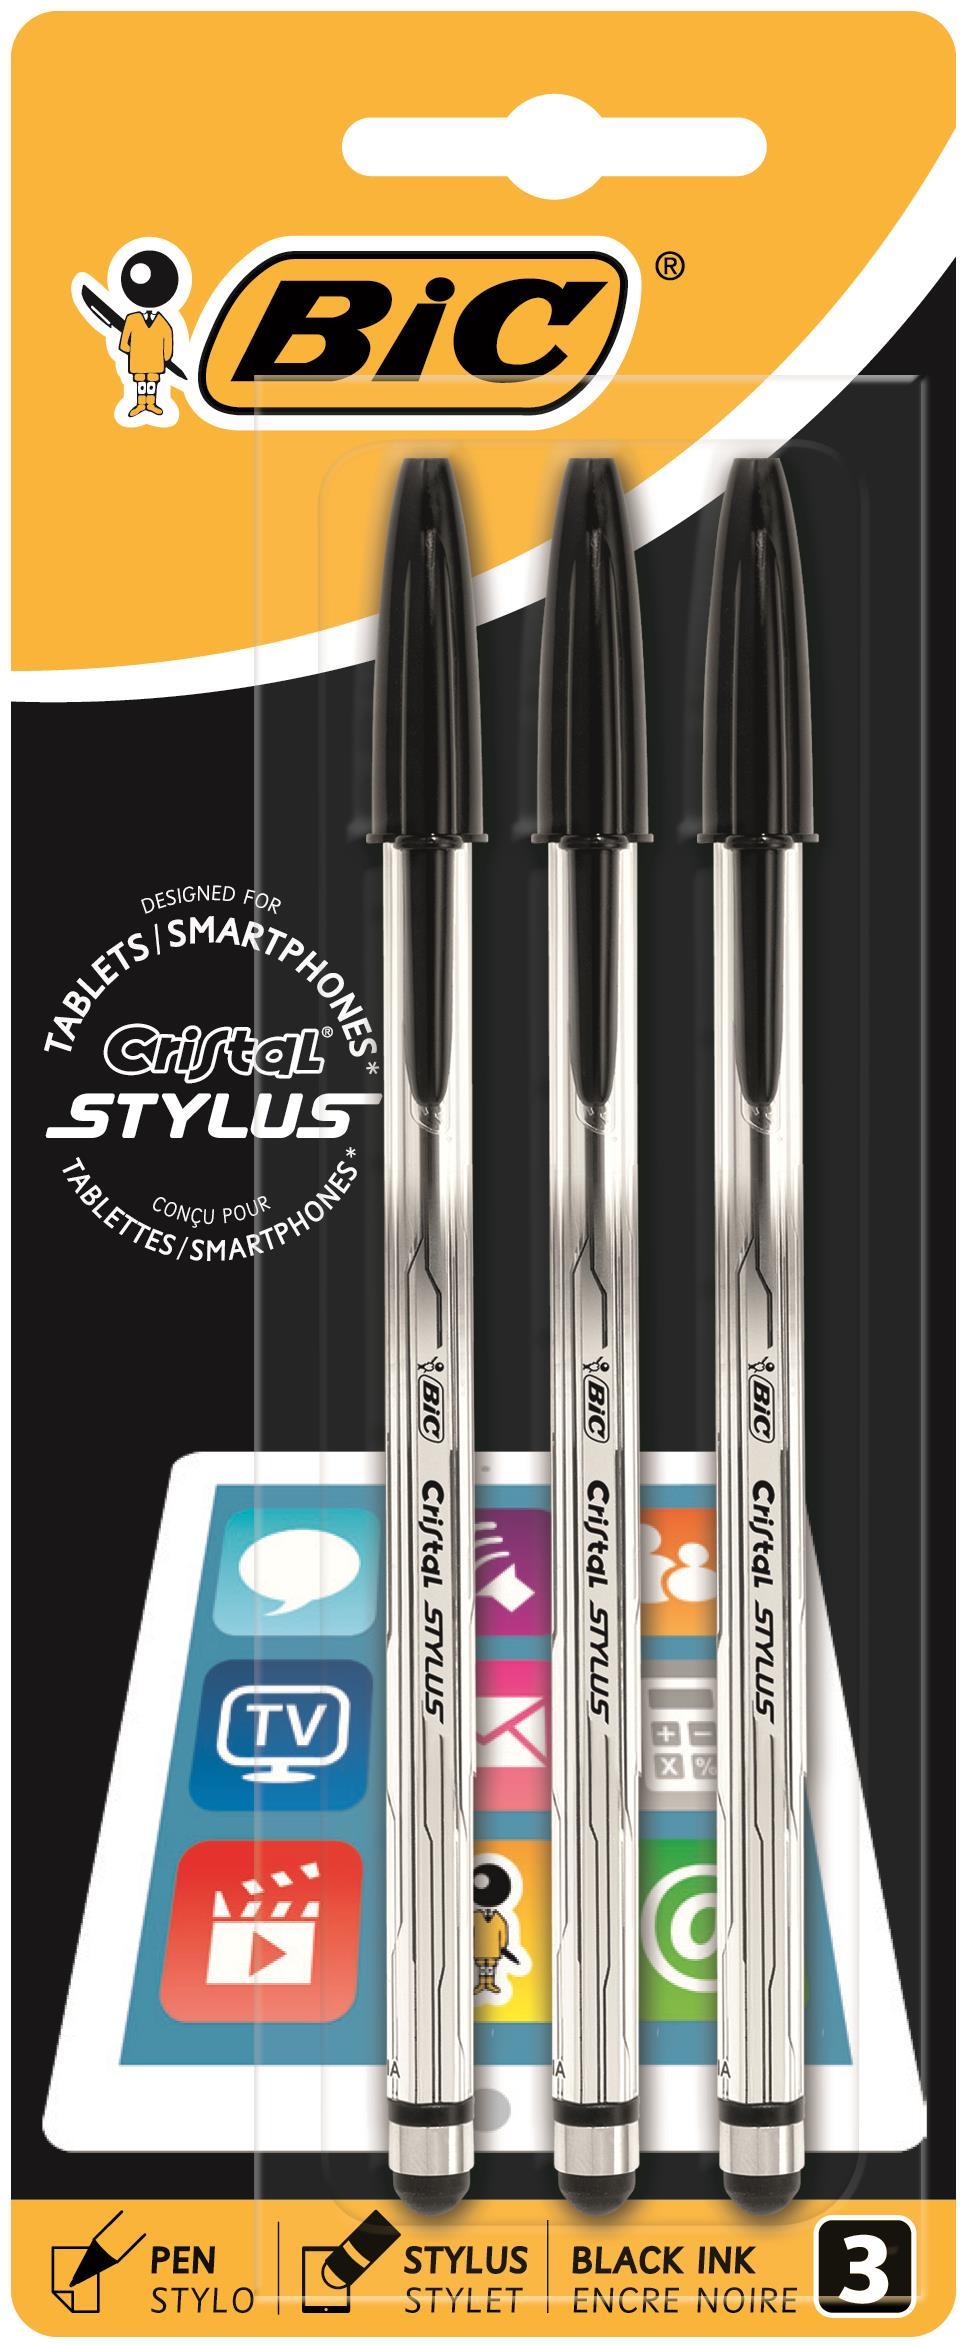 Bic Cristal 2-in-1 Stylus Pen PK3